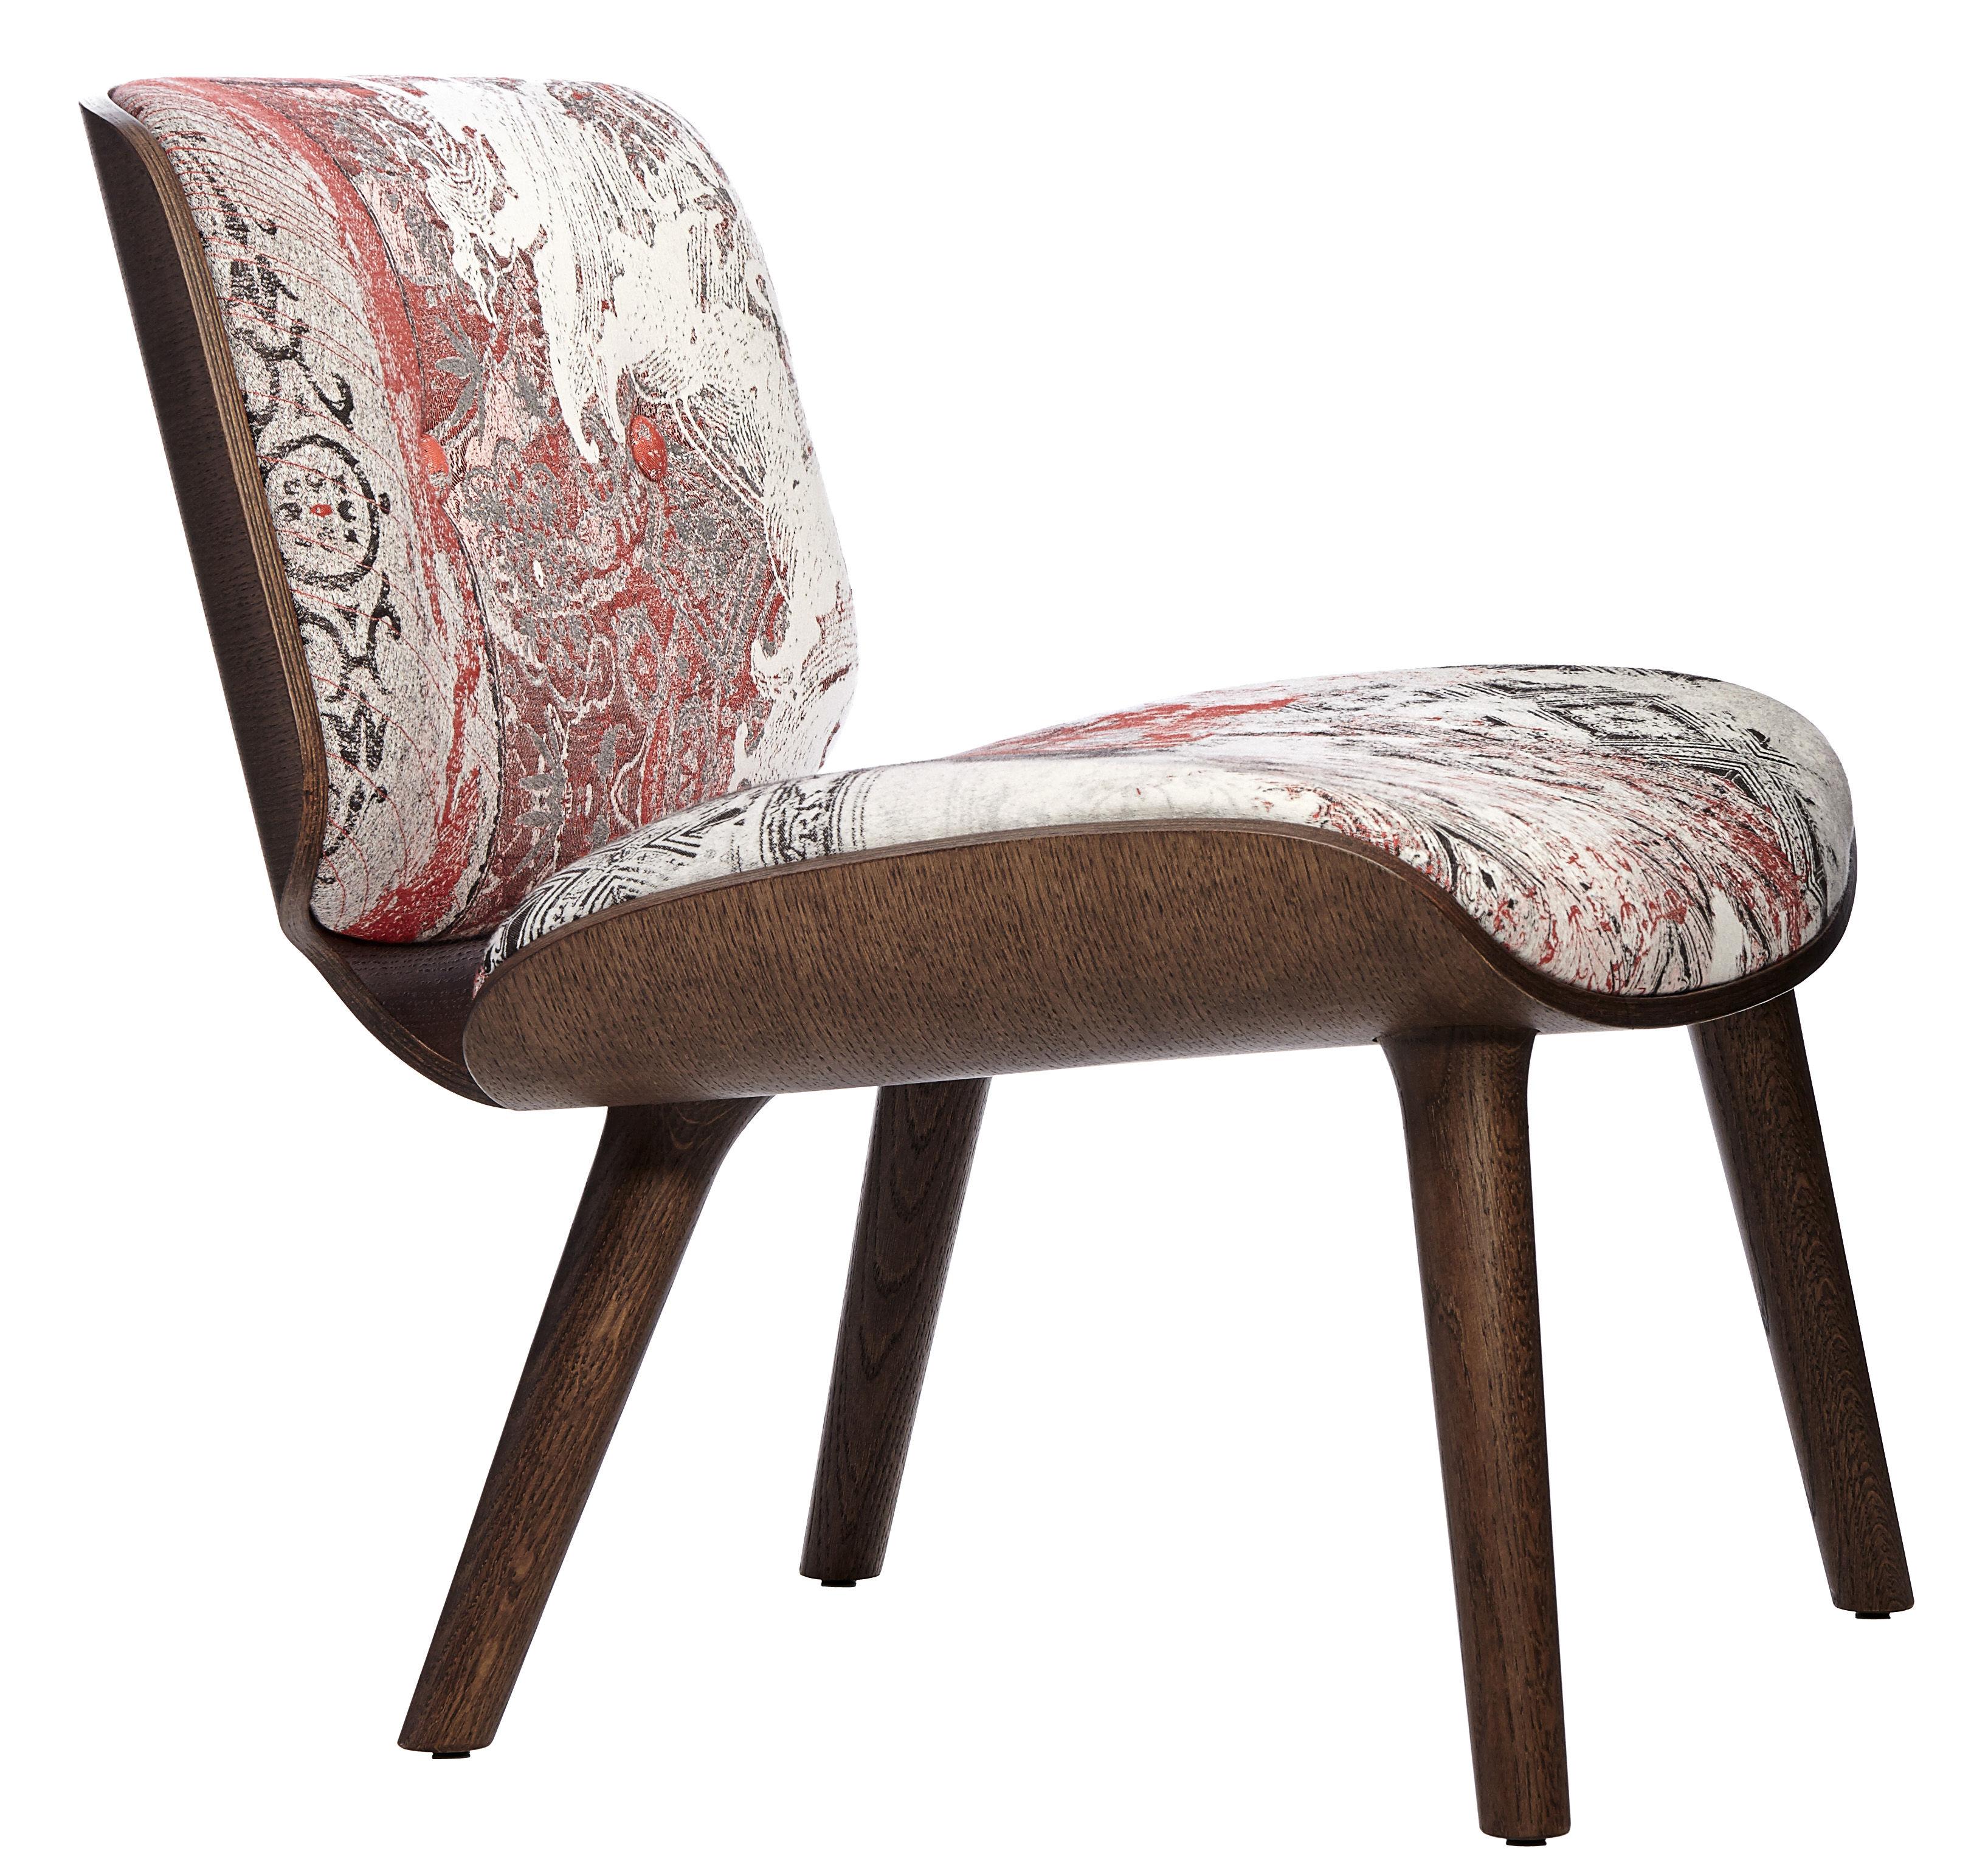 Arredamento - Poltrone design  - Poltrona bassa Nut Lounge - / Imbottita di Moooi - Tonalità rosse / Struttura: legno cannella - Compensato di rovere, Espanso, Rovere massello, Tessuto